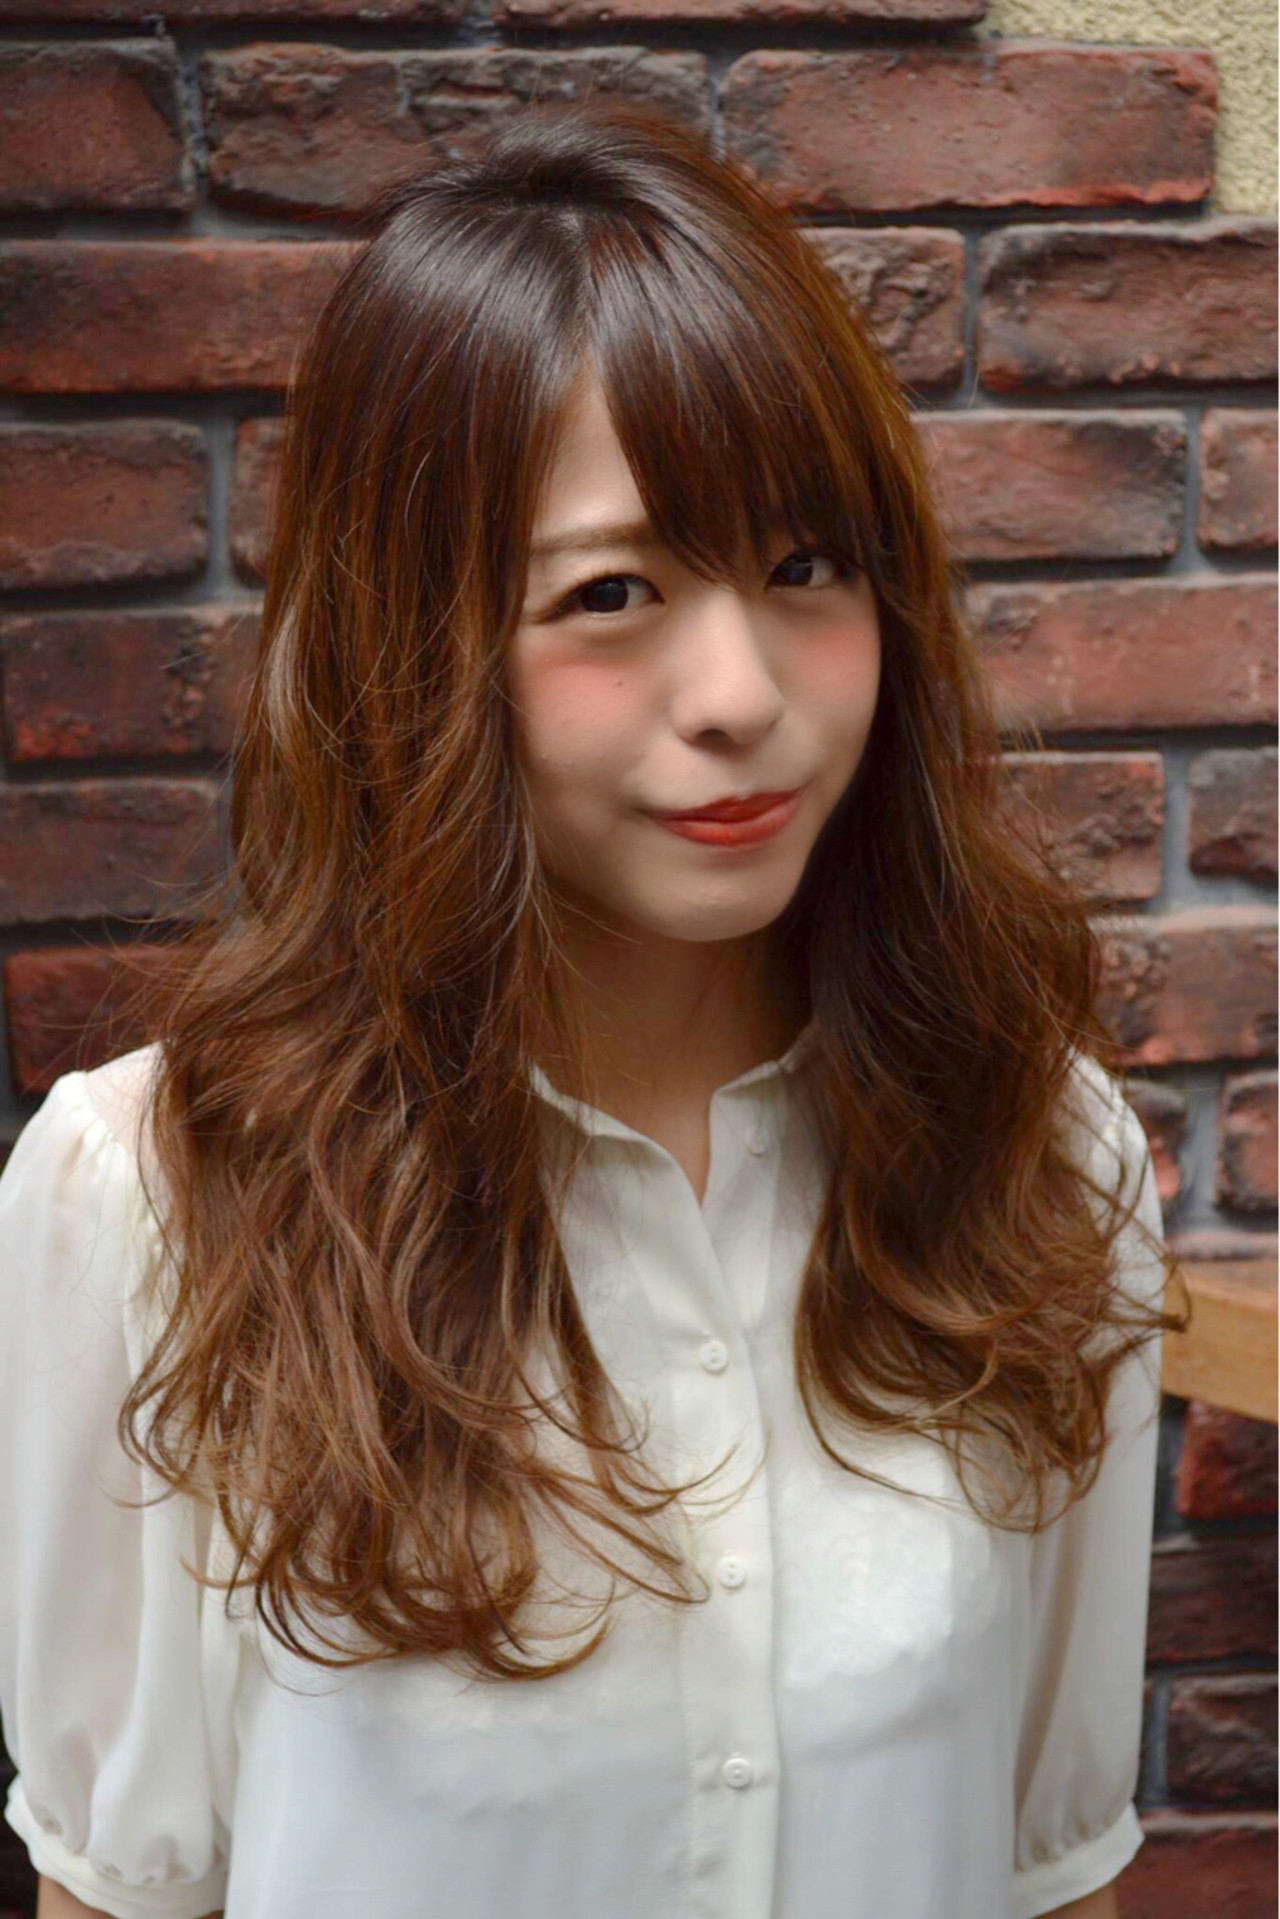 ゆるふわ グラデーションカラー ガーリー 流し前髪 ヘアスタイルや髪型の写真・画像